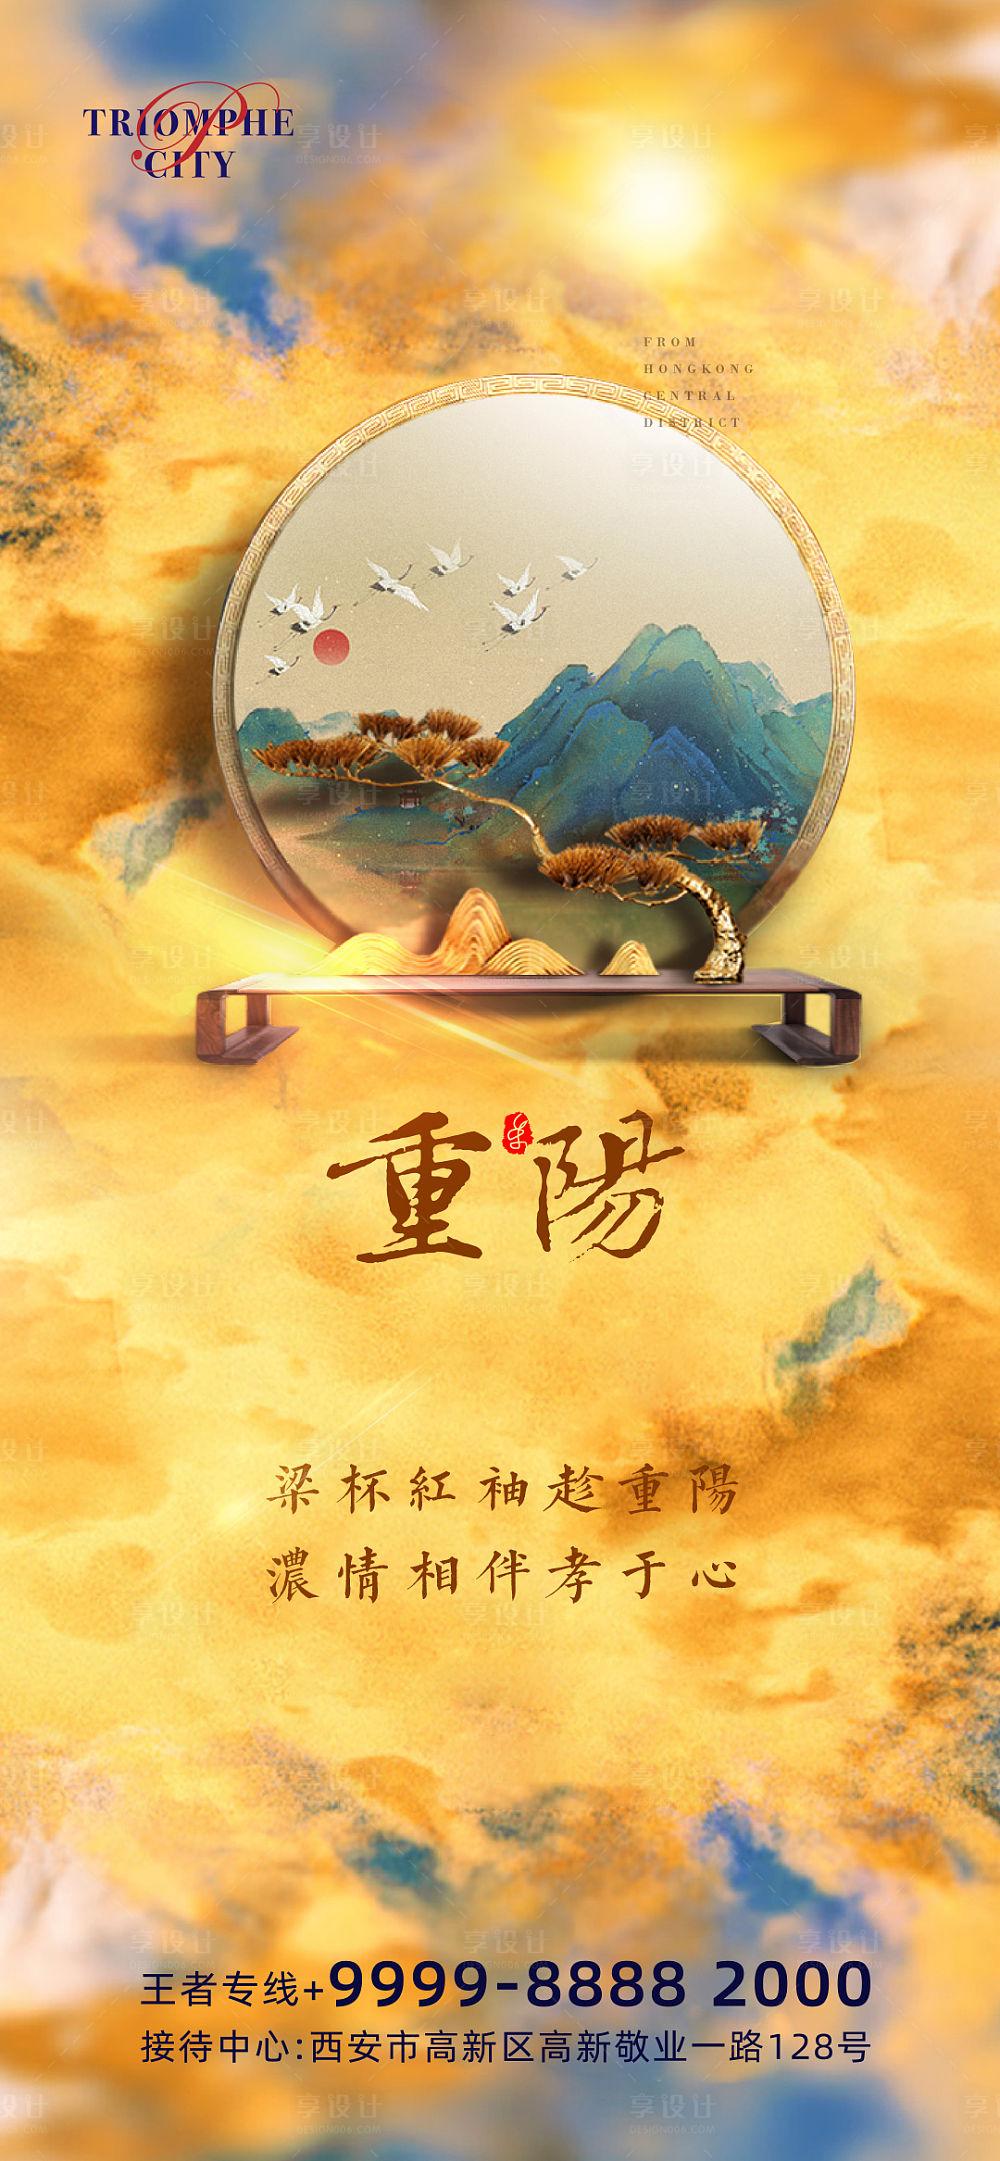 【源文件下载】 海报 公历节日 重阳节 摆件 古松 铜镜 飞鸟 设计作品 设计图集